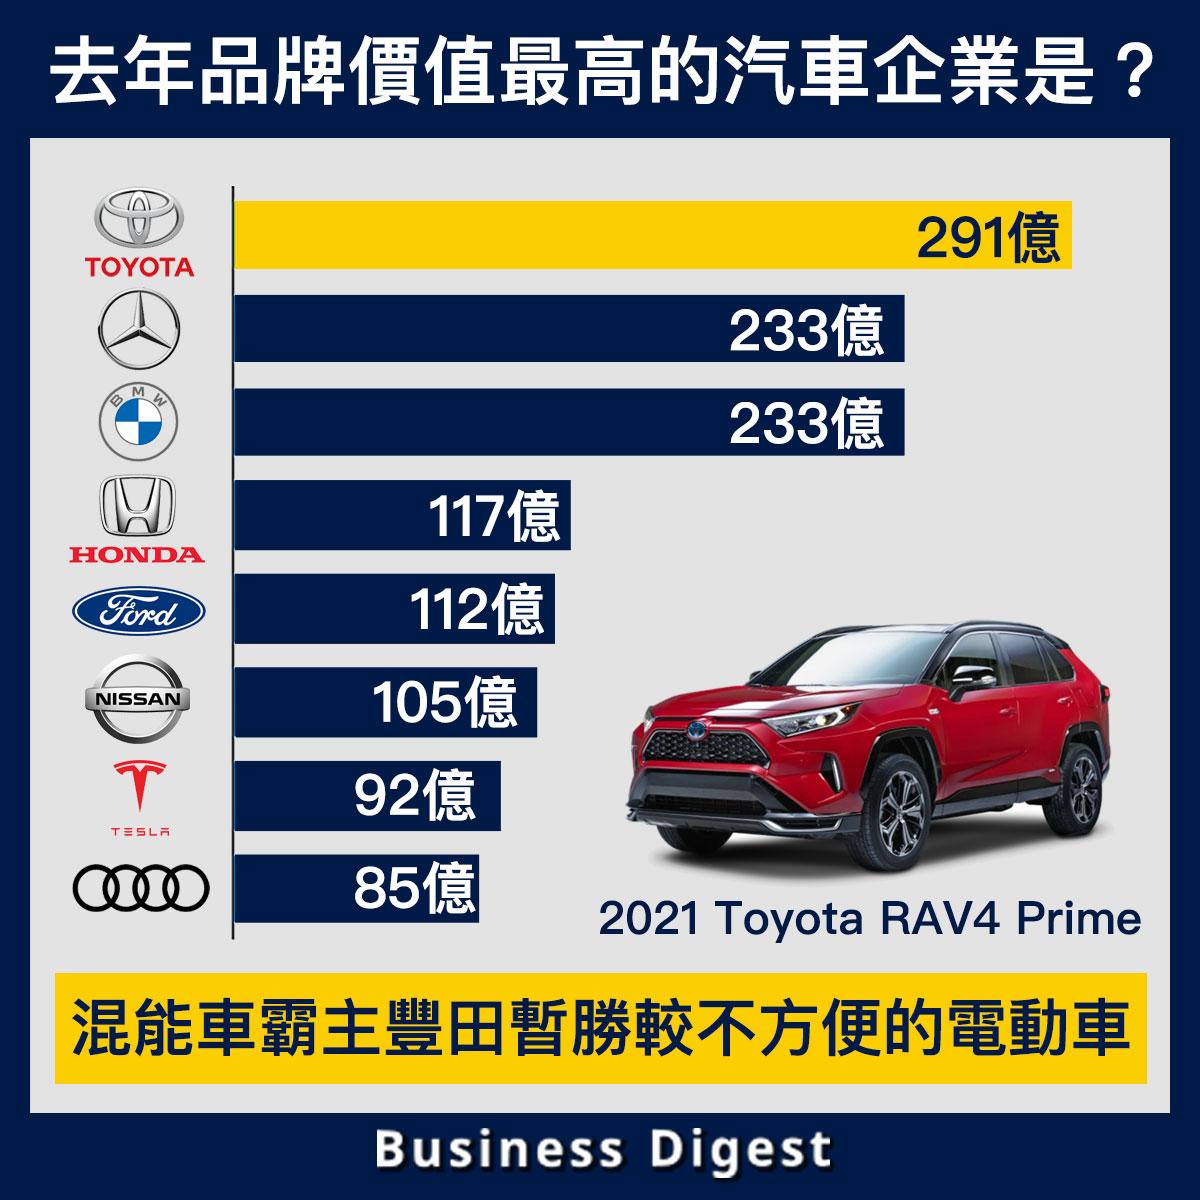 【生活中的品牌故事】去年品牌價值最高的汽車企業是?混能車霸主豐田